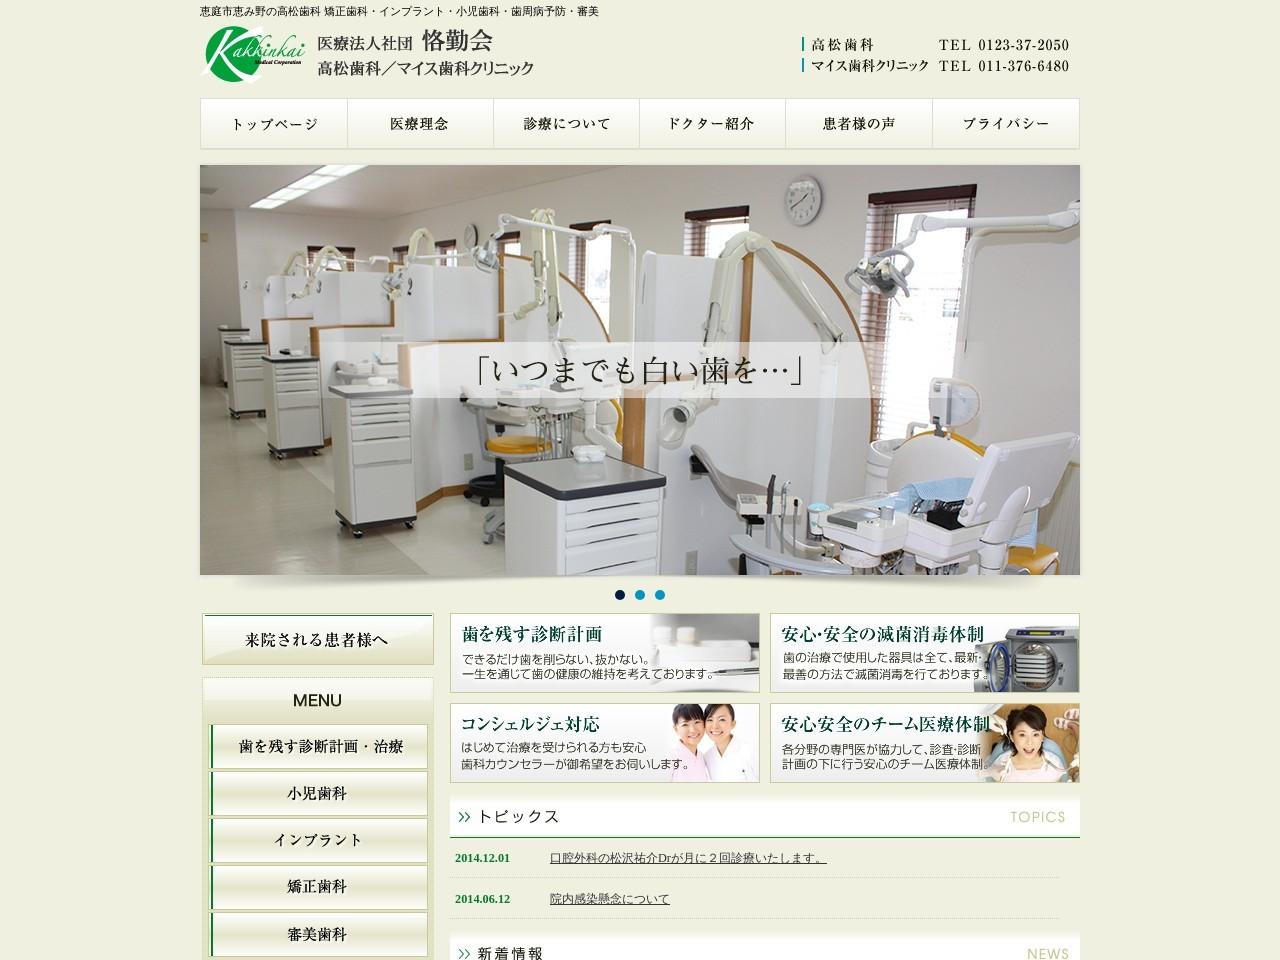 医療法人社団恪勤会  高松歯科 (北海道恵庭市)